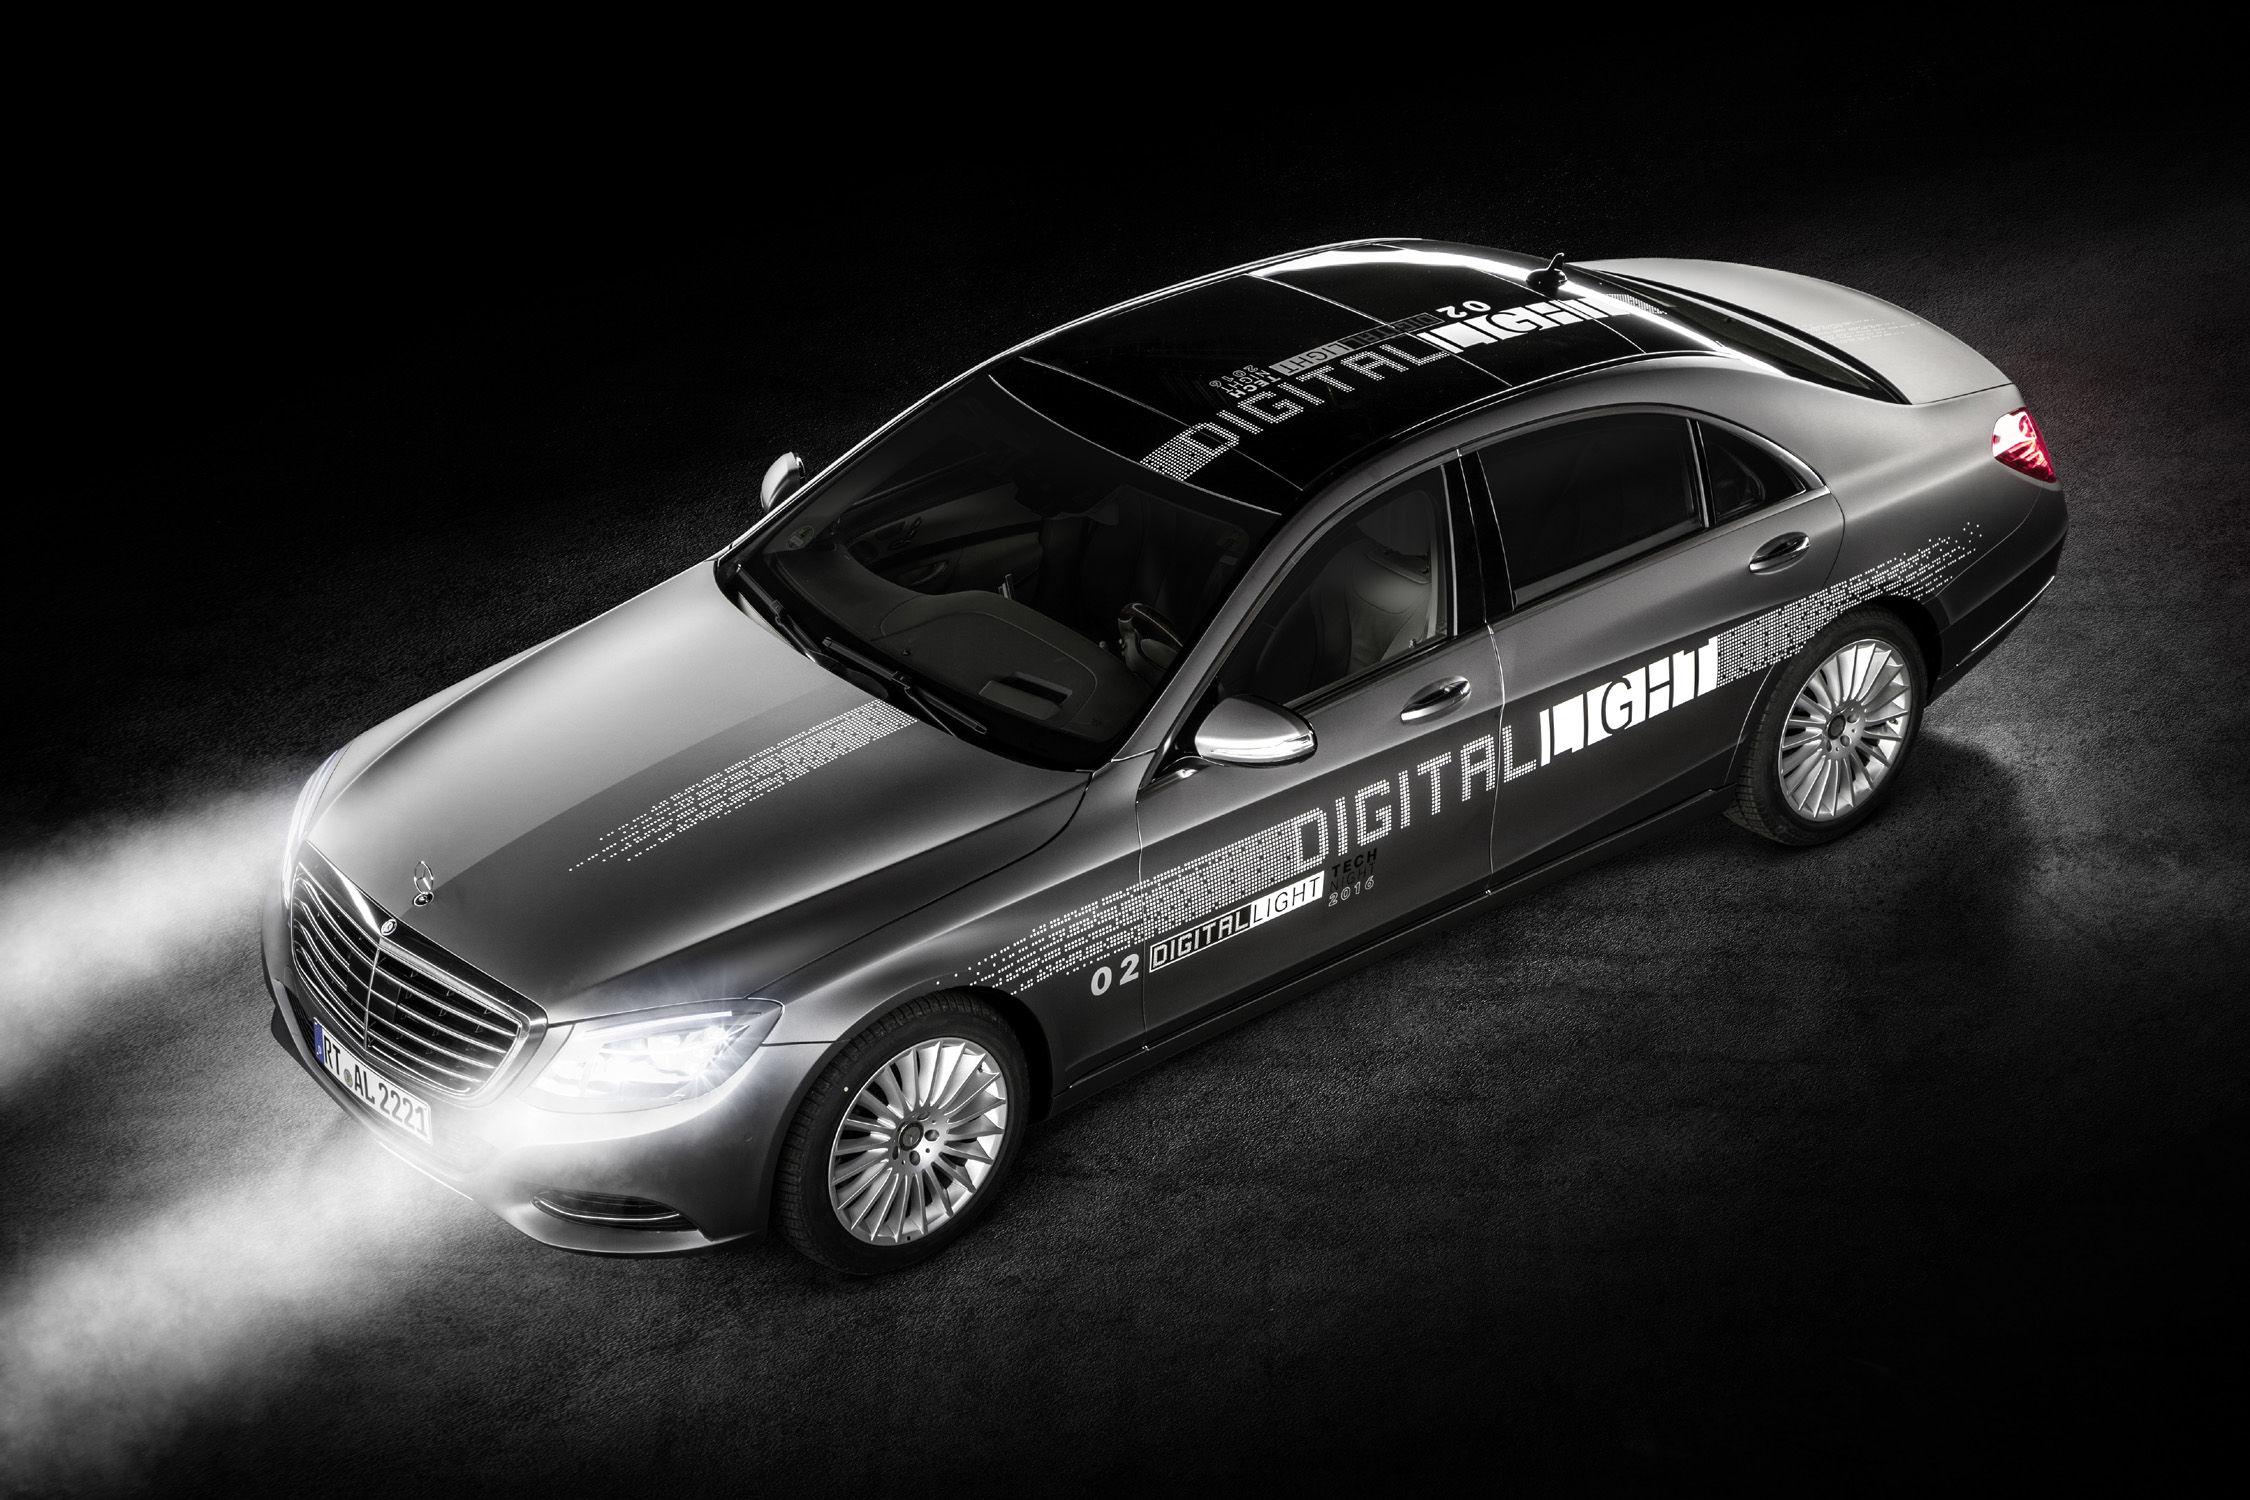 مرسدس در حال طراحی چراغهایی هوشمند جهت جلوگیری از منحرف شدن دیگر رانندگان است